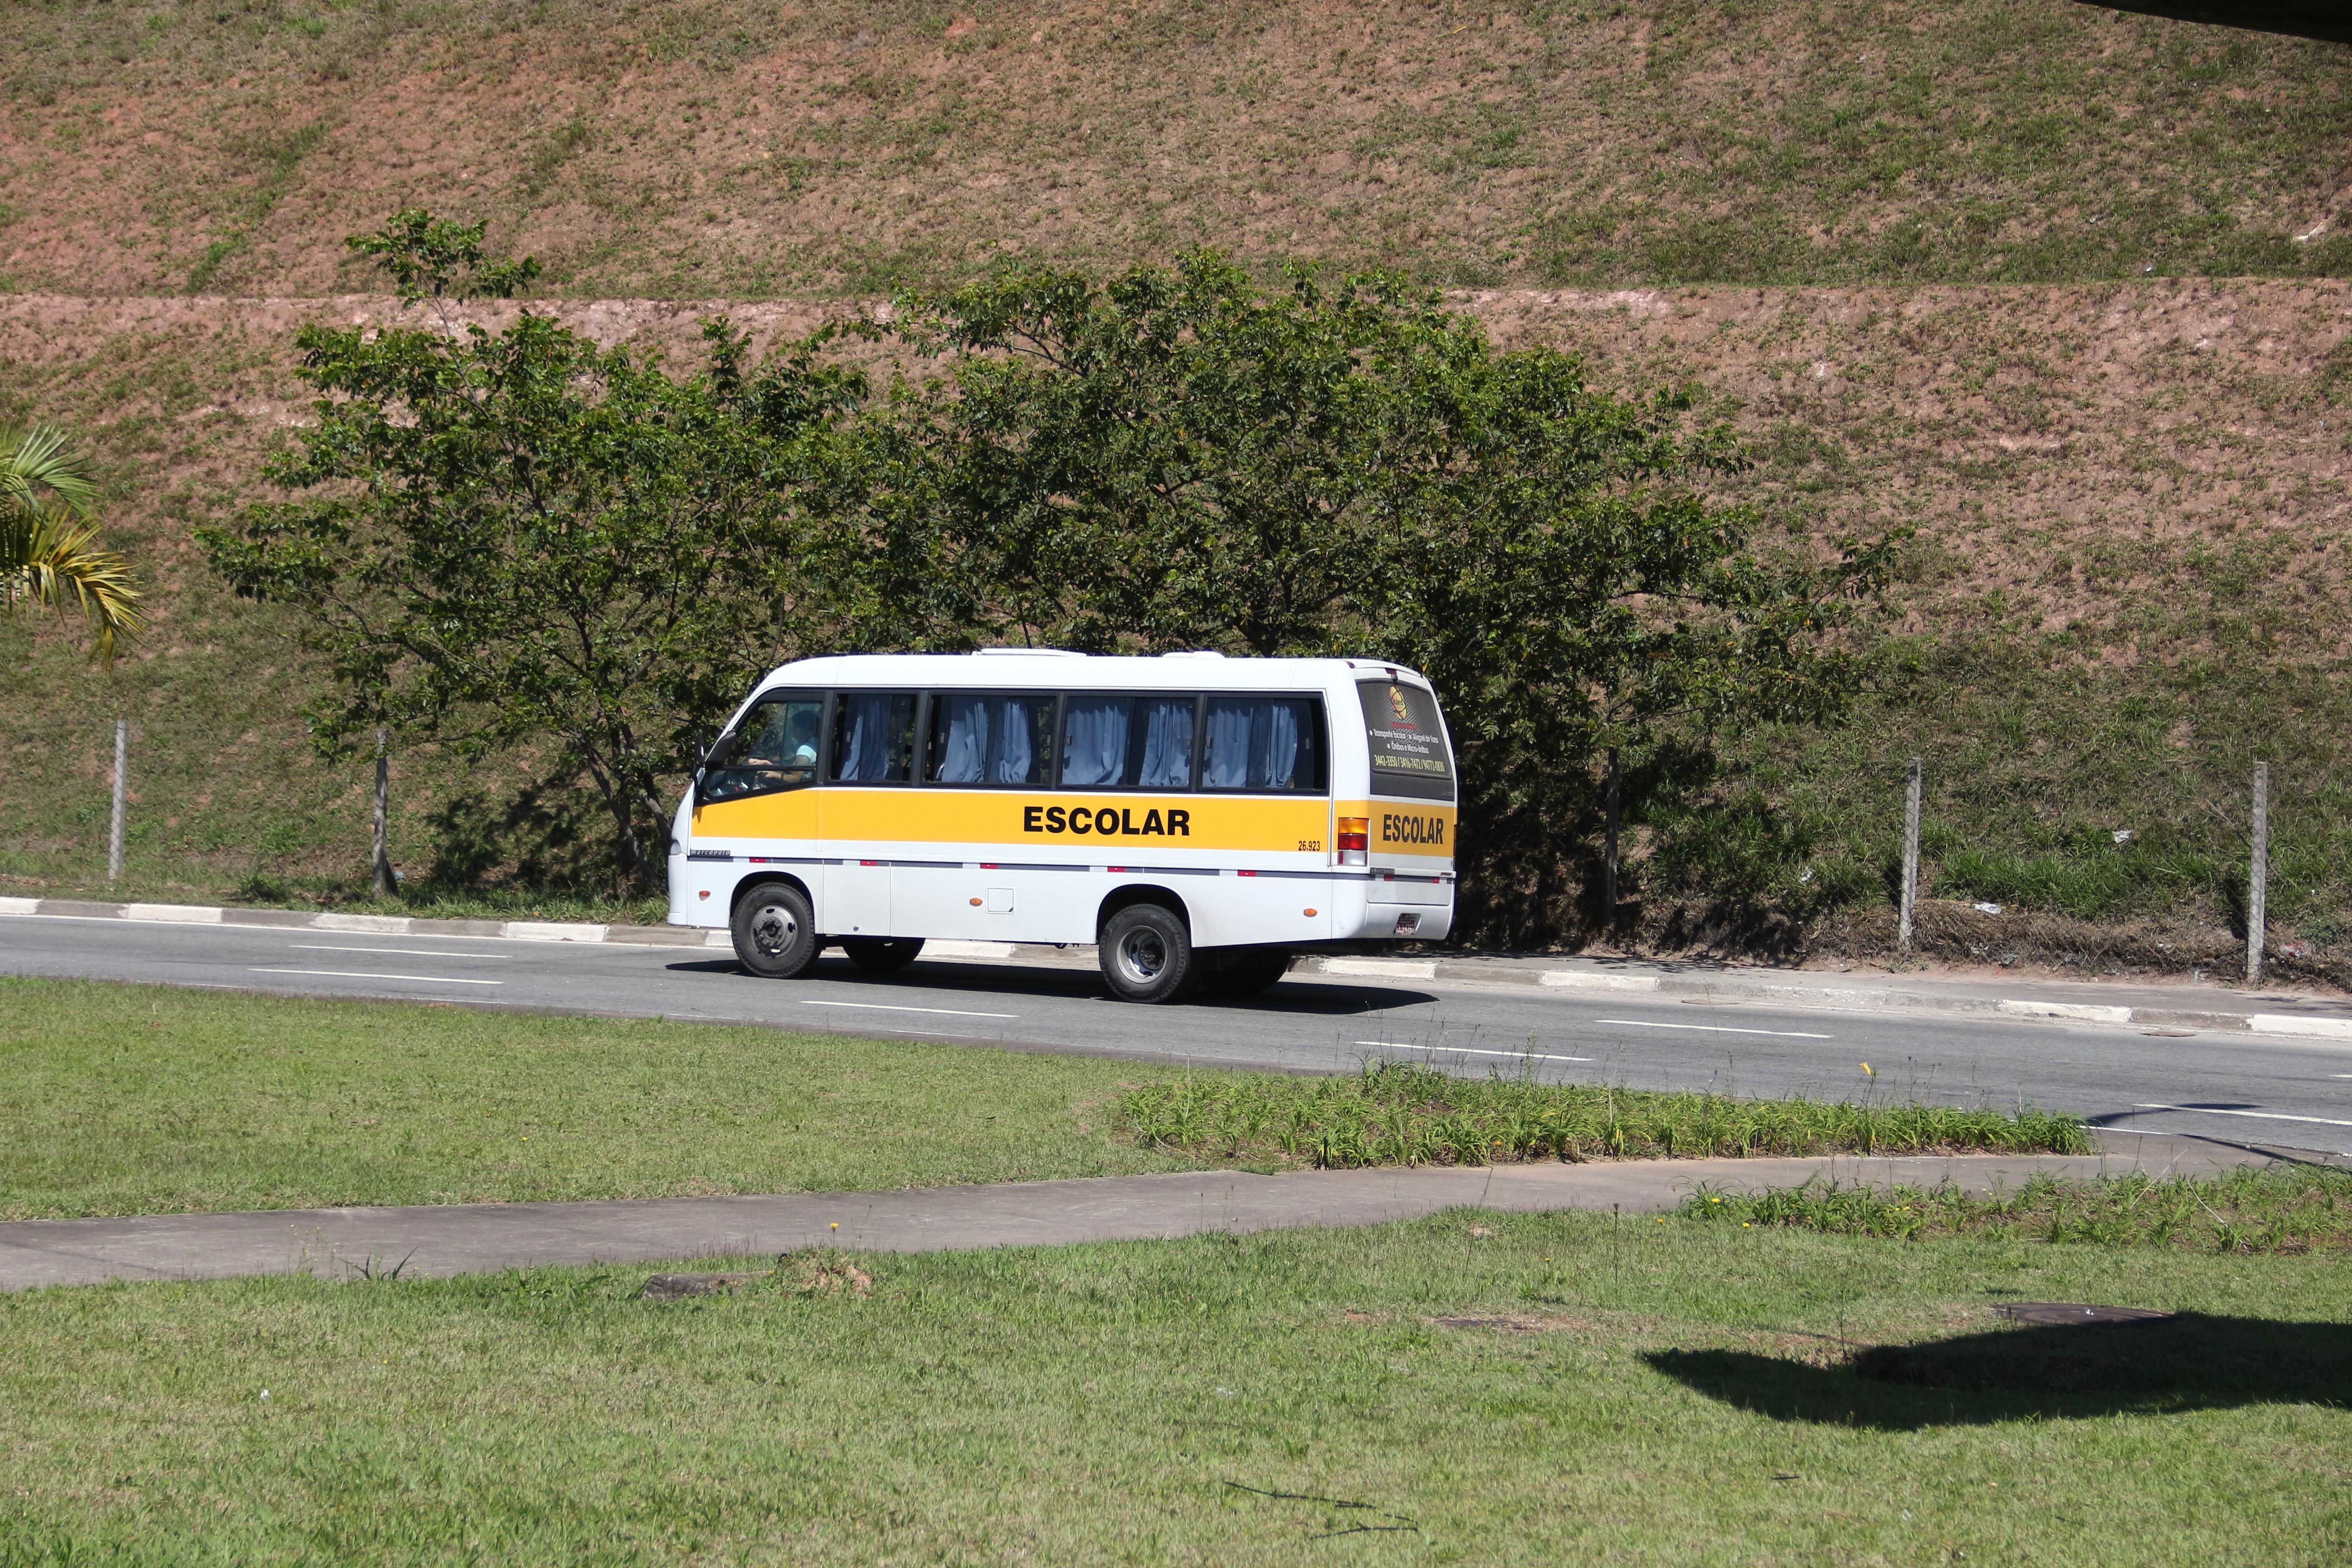 Tecnologia implantada em táxis e vans escolares permite identificação de informações sobre motoristas e veículos